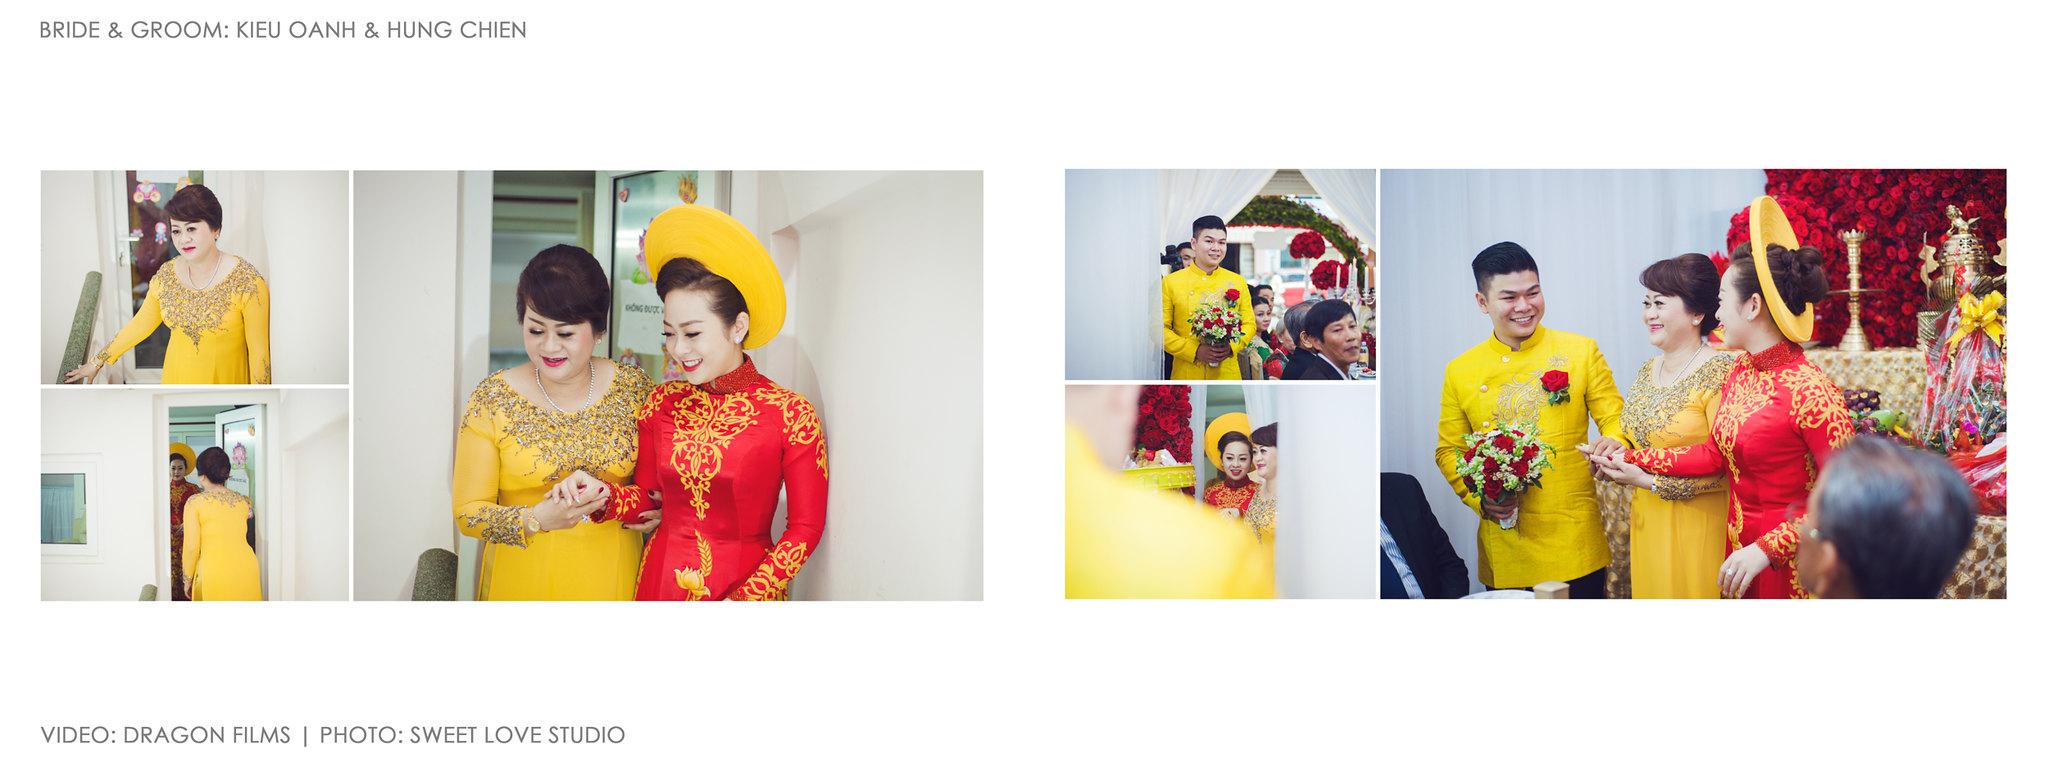 Chup-anh-cuoi-phong-su-Kieu-Oanh-Hung-Chien-09